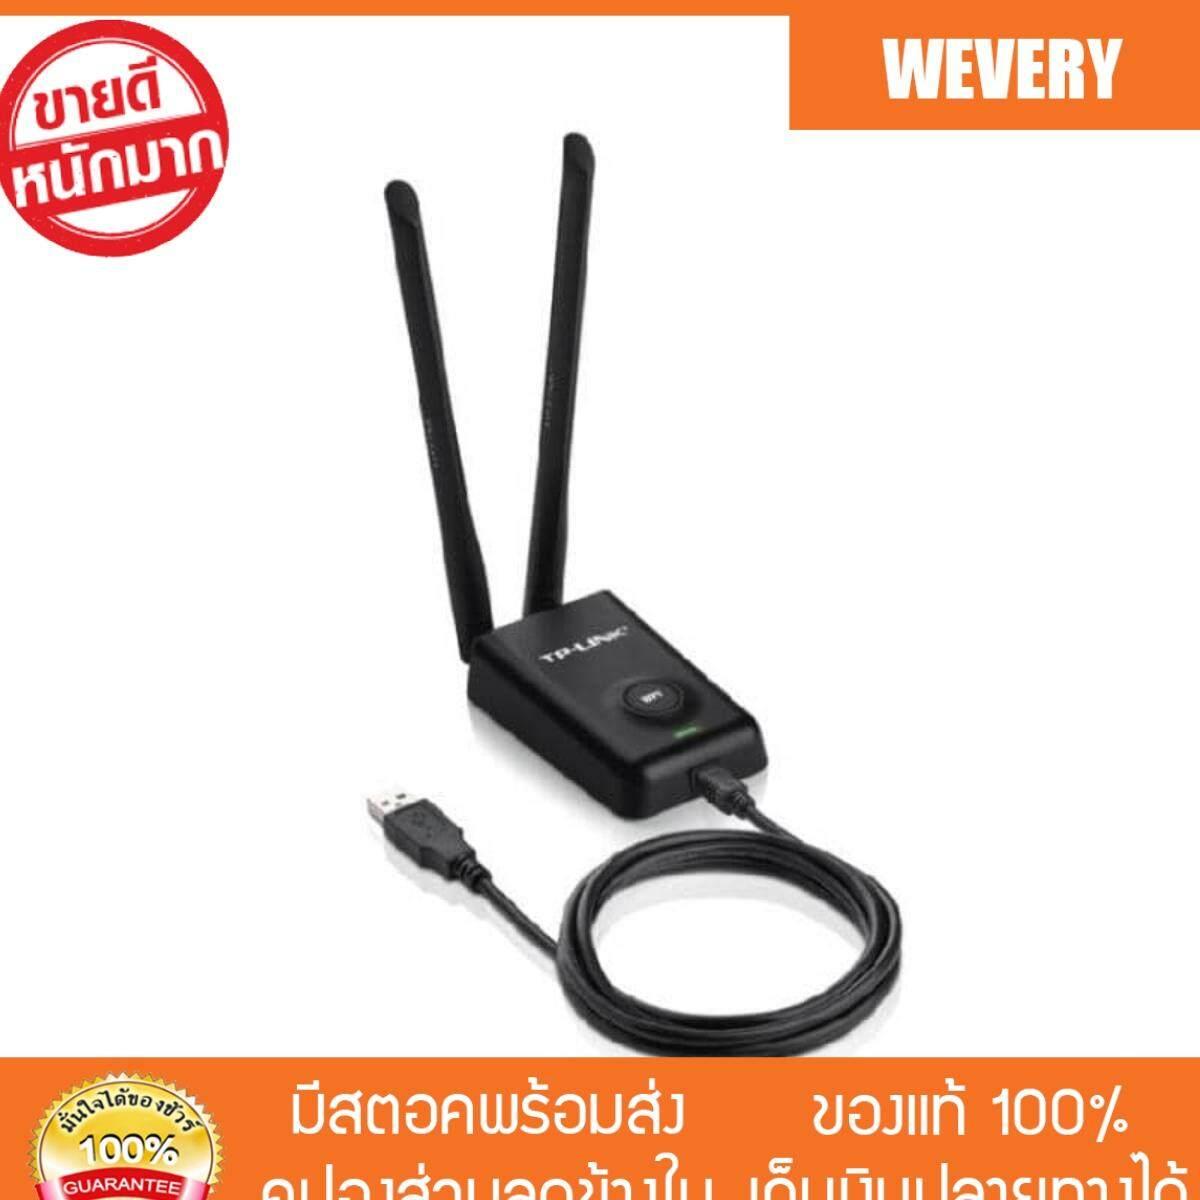 ลดสุดๆ [Wevery] TP-Link TL-WN8200ND อุปกรณ์รับ Wi-Fi (300Mbps High Power Wireless USB Adapter) ตัวรับสัญญาณ wifi ตัวรับ wifi ส่ง Kerry เก็บปลายทางได้